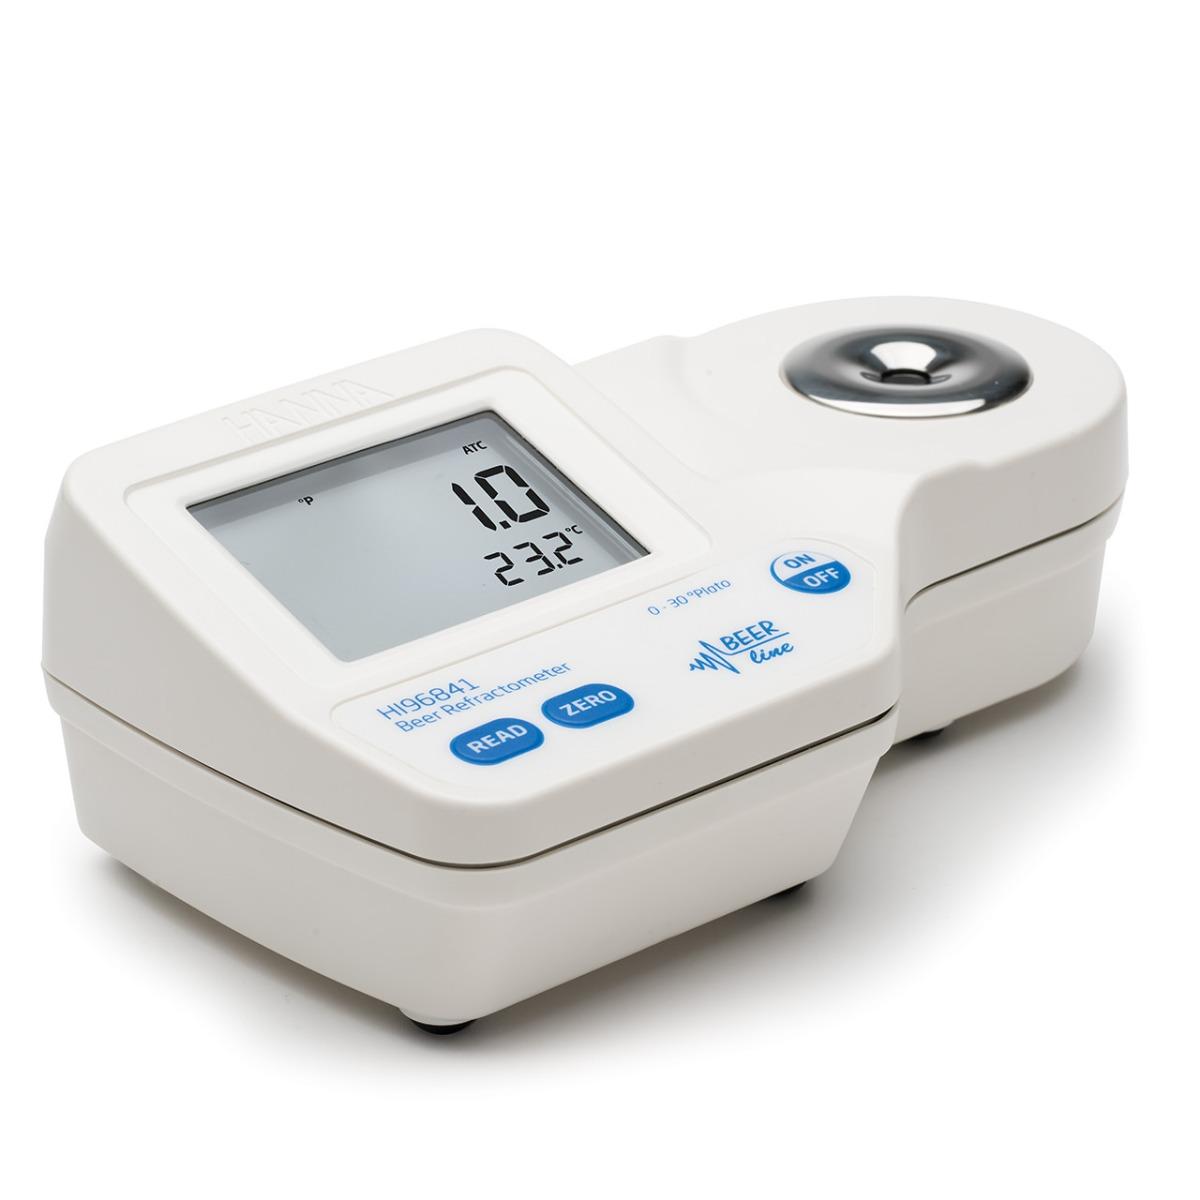 Rifrattometro digitale per la misura della birra 0-30 °Plato - HI96841